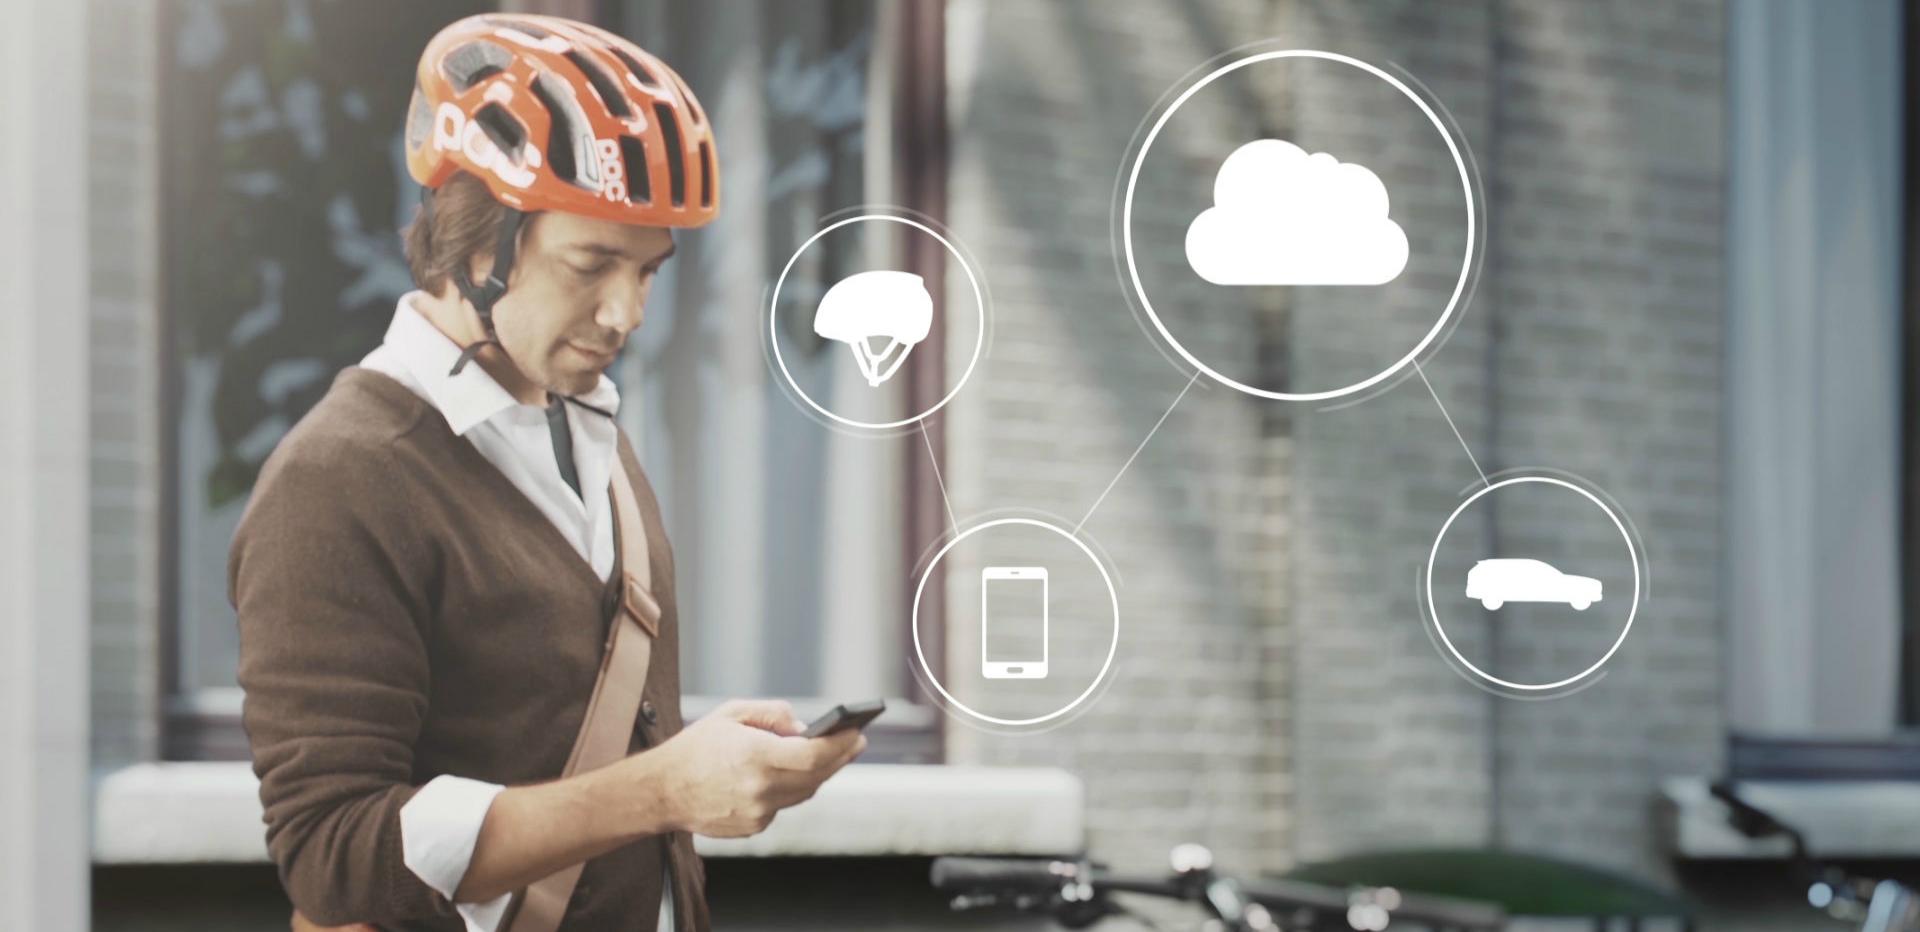 为骑车者保驾护航:沃尔沃智能头盔